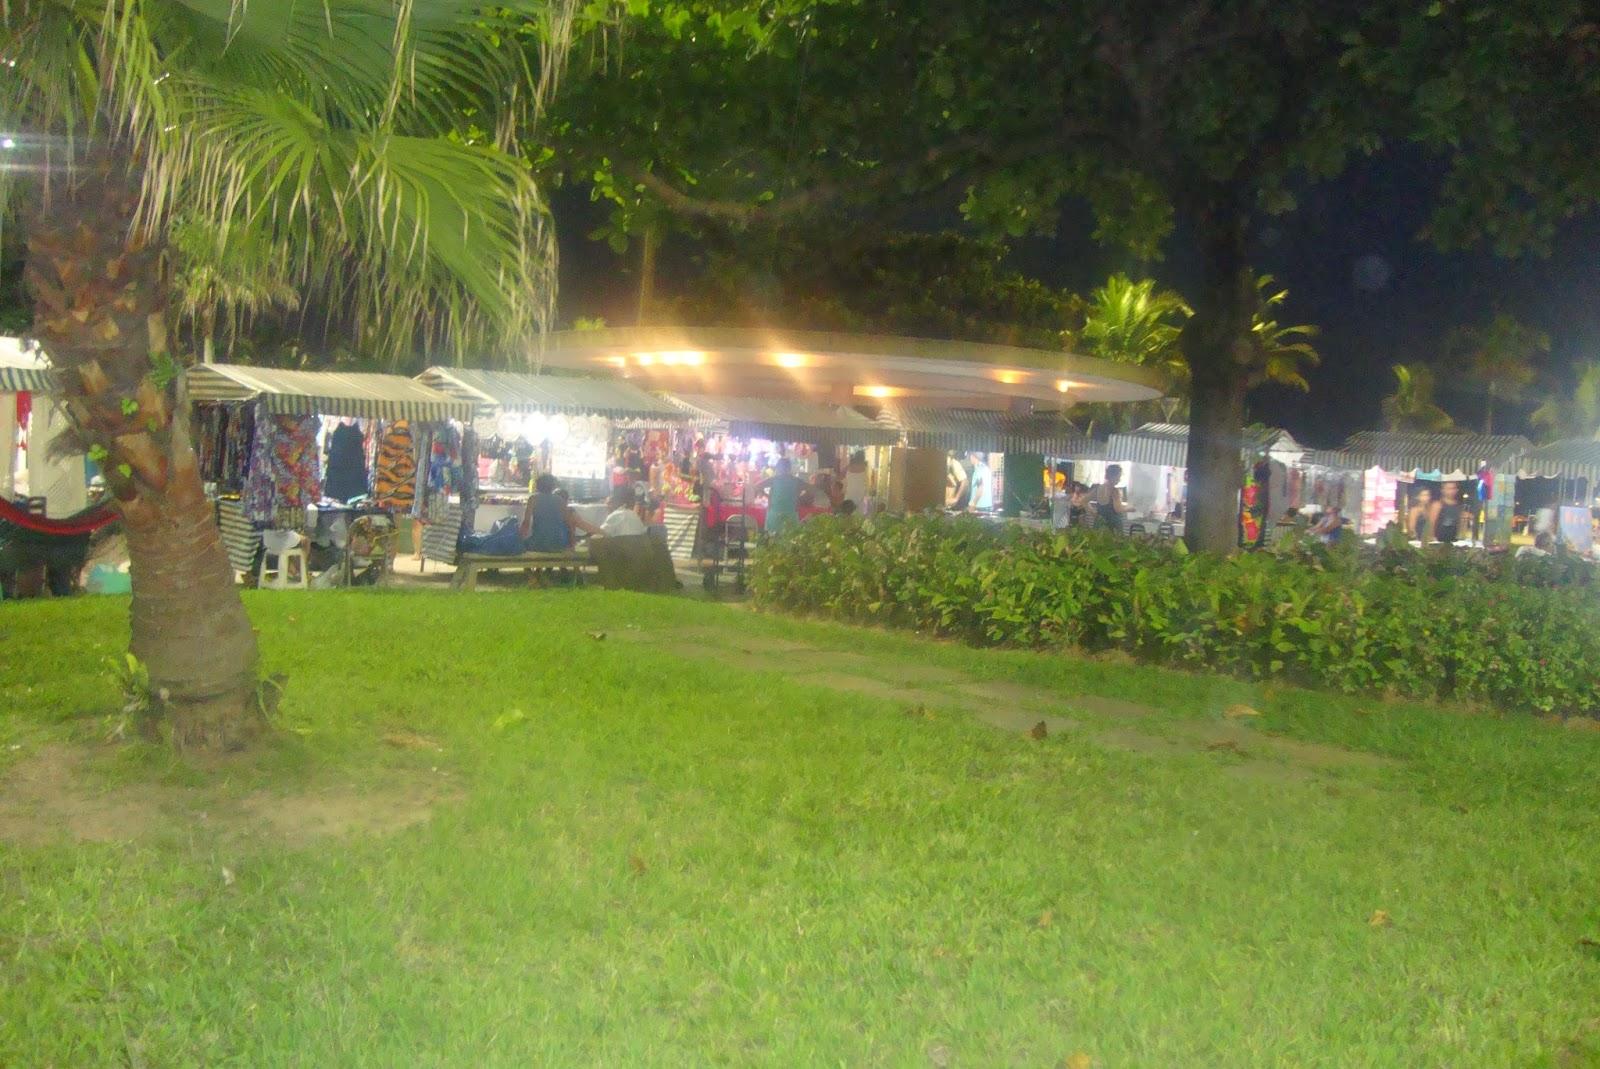 Feirinha da Praia de Santos - SP, à noite, no verão